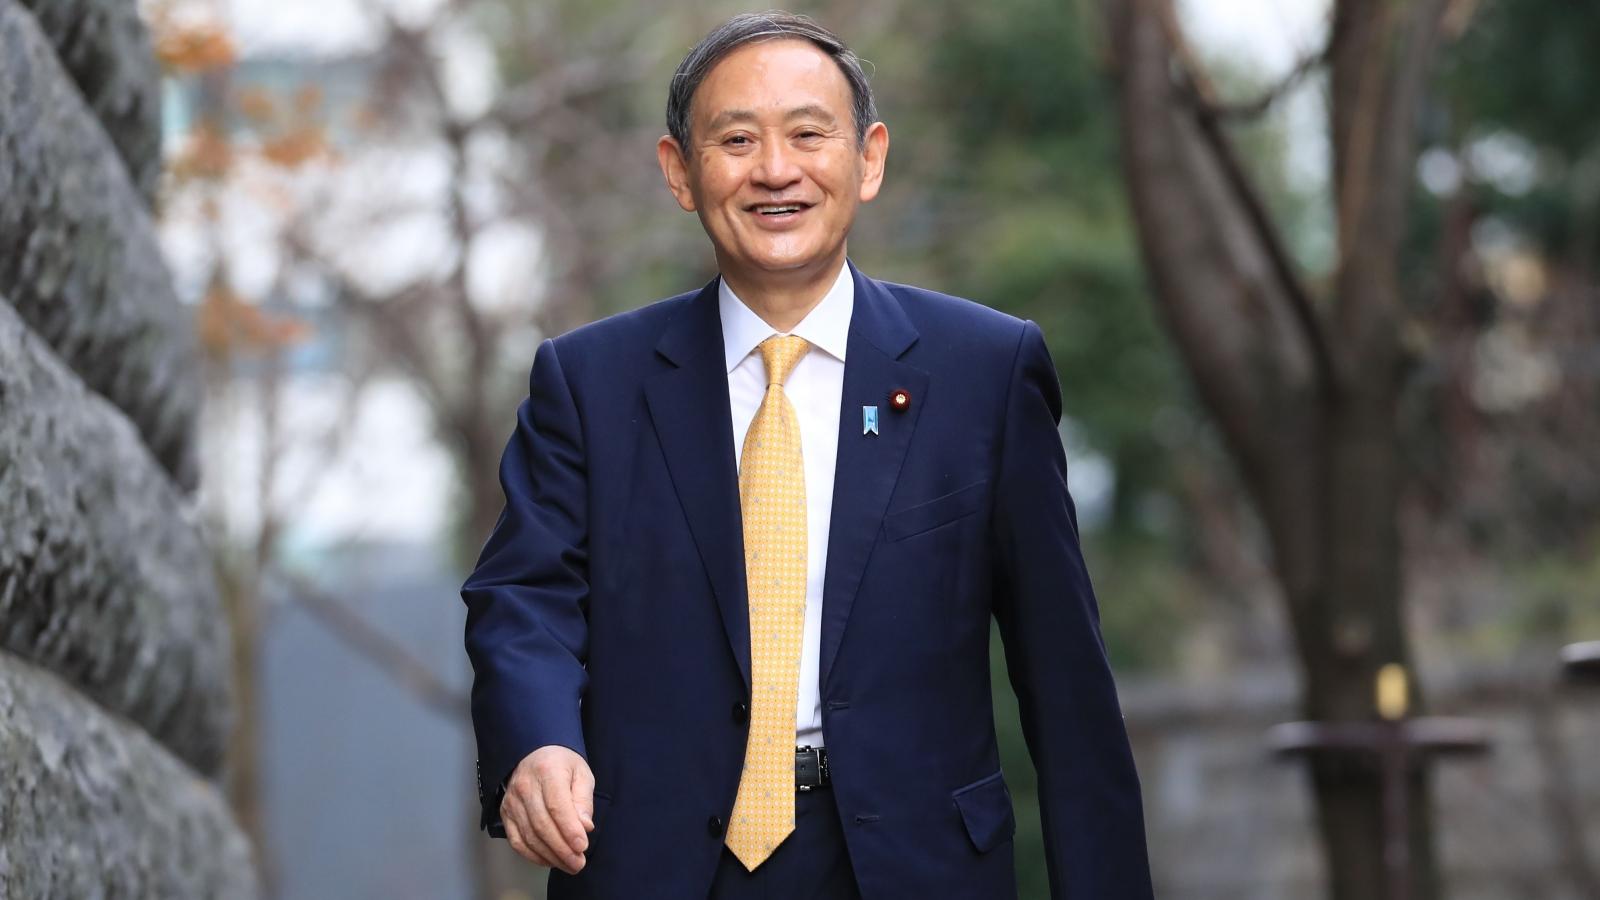 Thủ tướng Nhật Bản có kế hoạch công du Mỹ vào nửa đầu tháng 4/2021